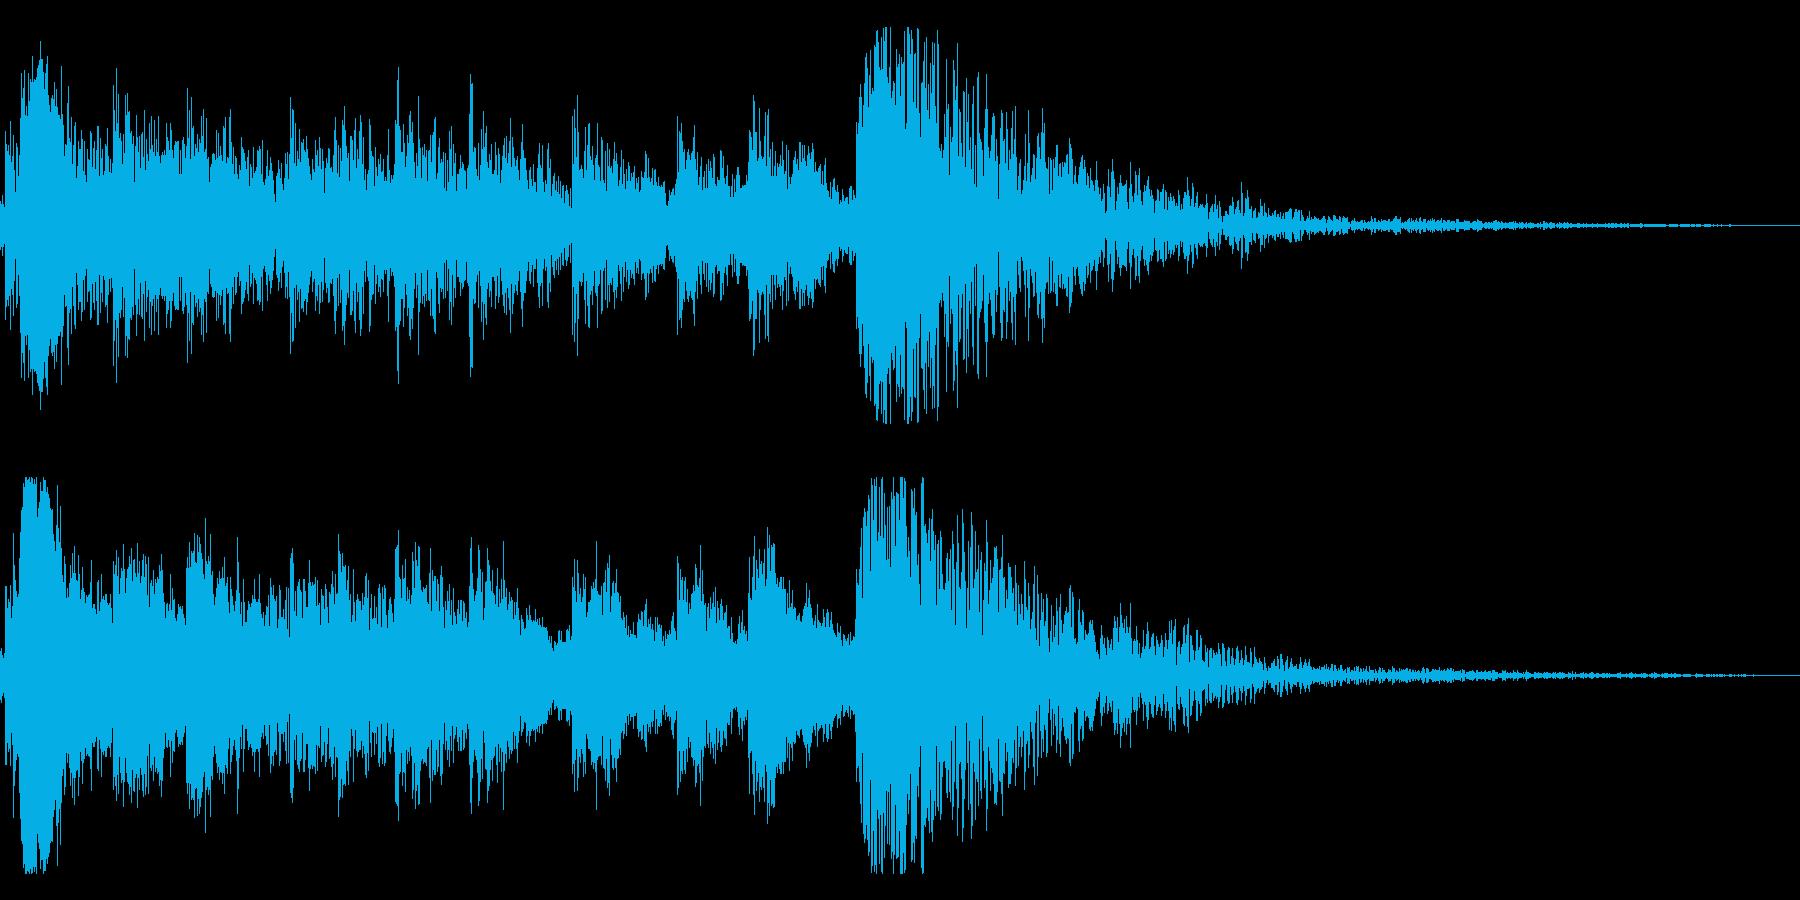 歌舞伎の太鼓/笛/鼓/和風ジングル!15の再生済みの波形